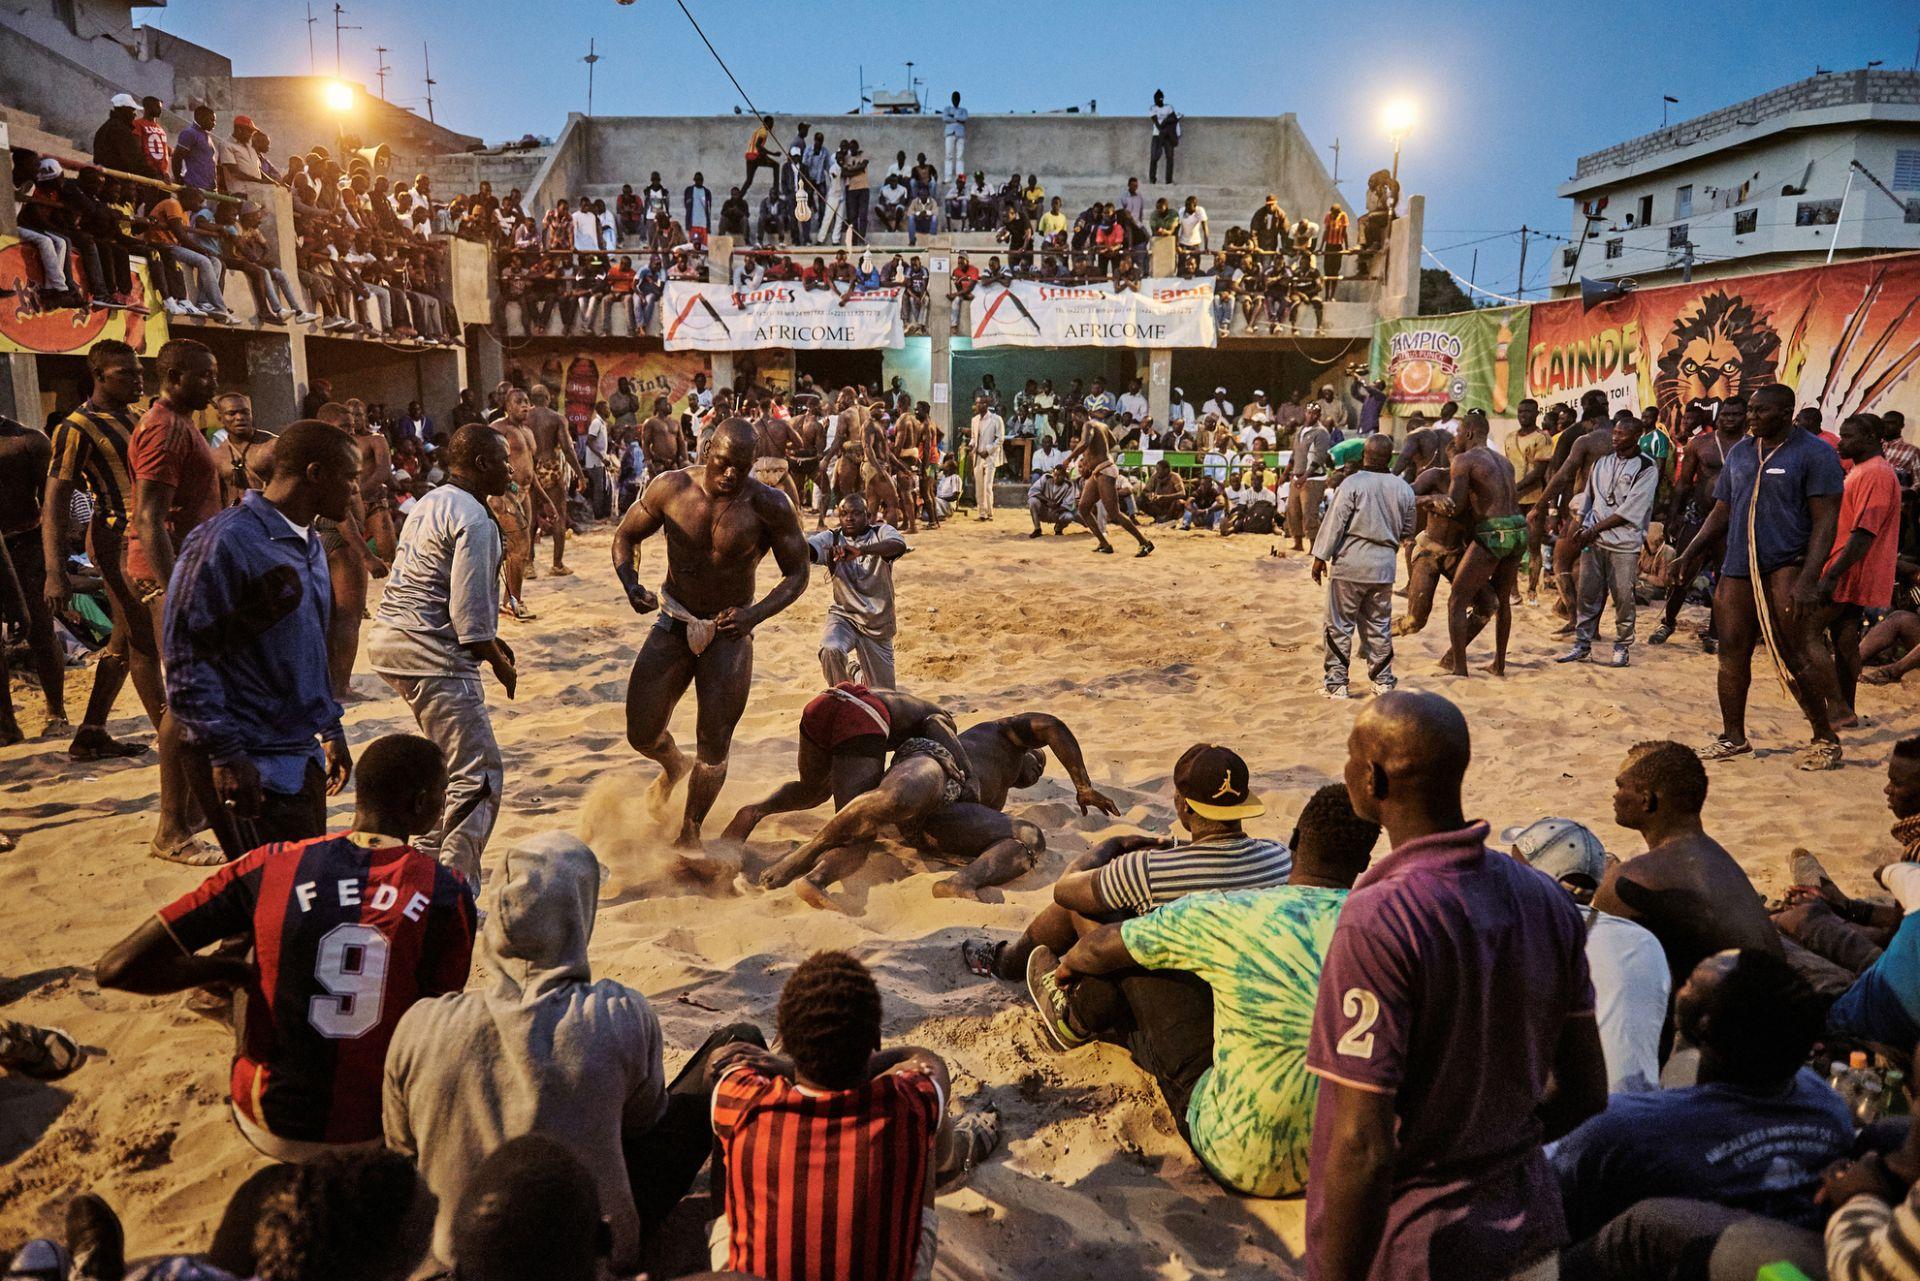 Wrestling Arena in Dakar, Senegal